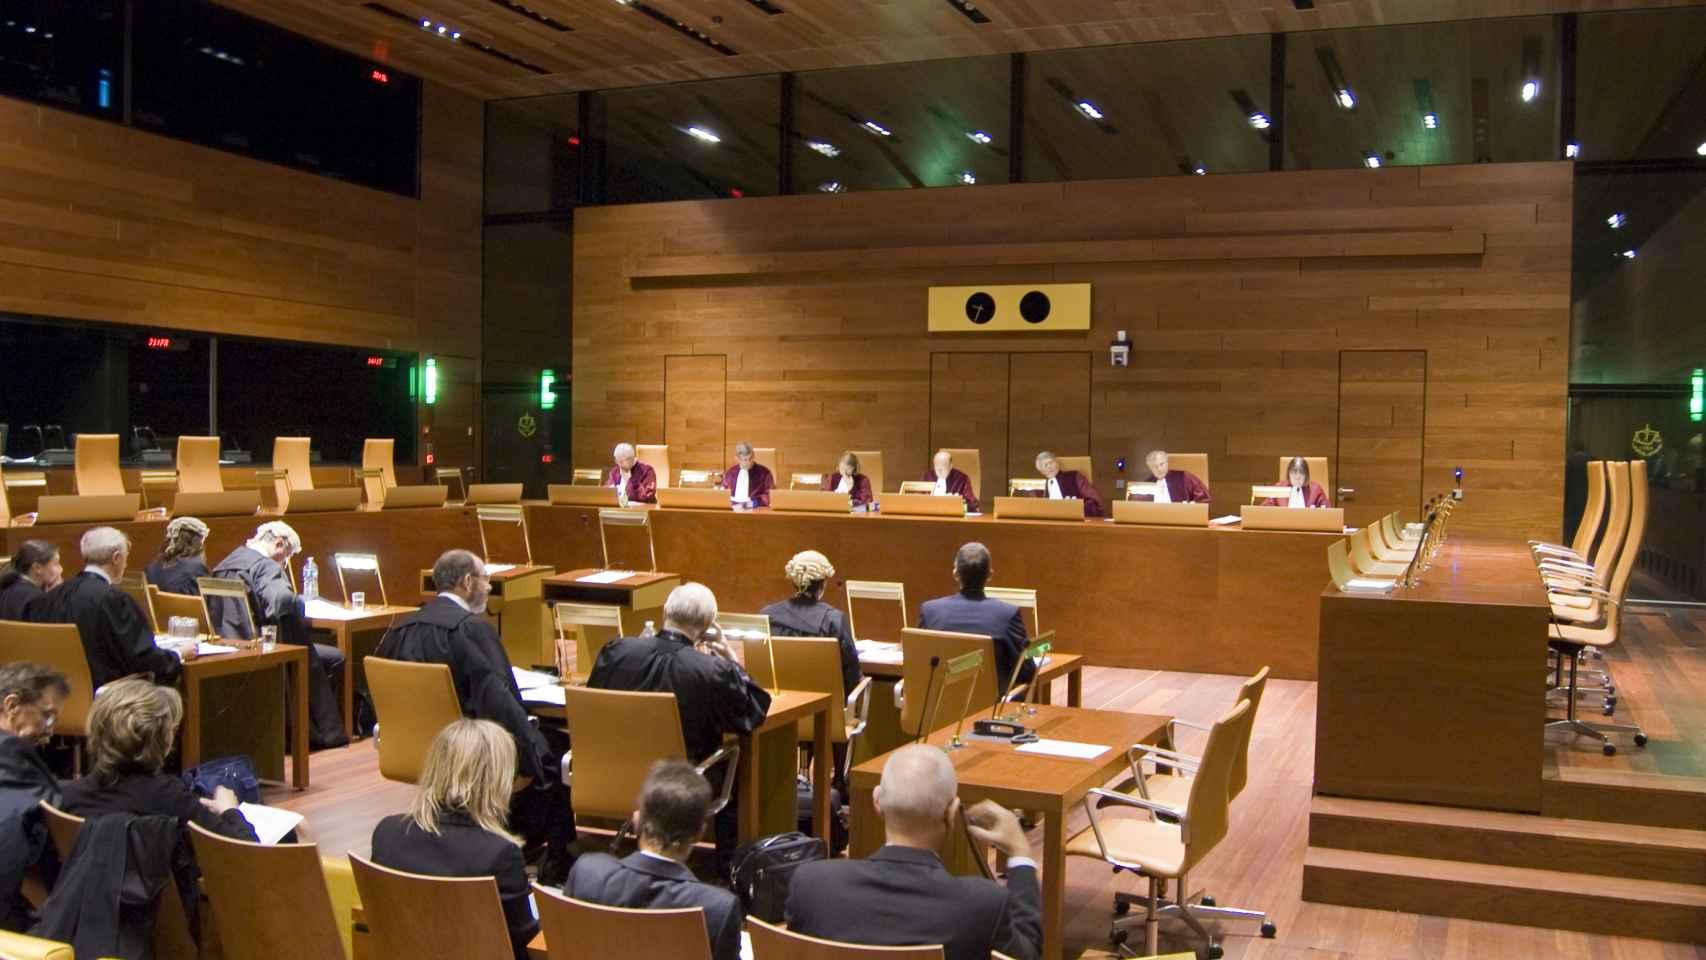 Una audiencia en el Tribunal de Justicia de la UE